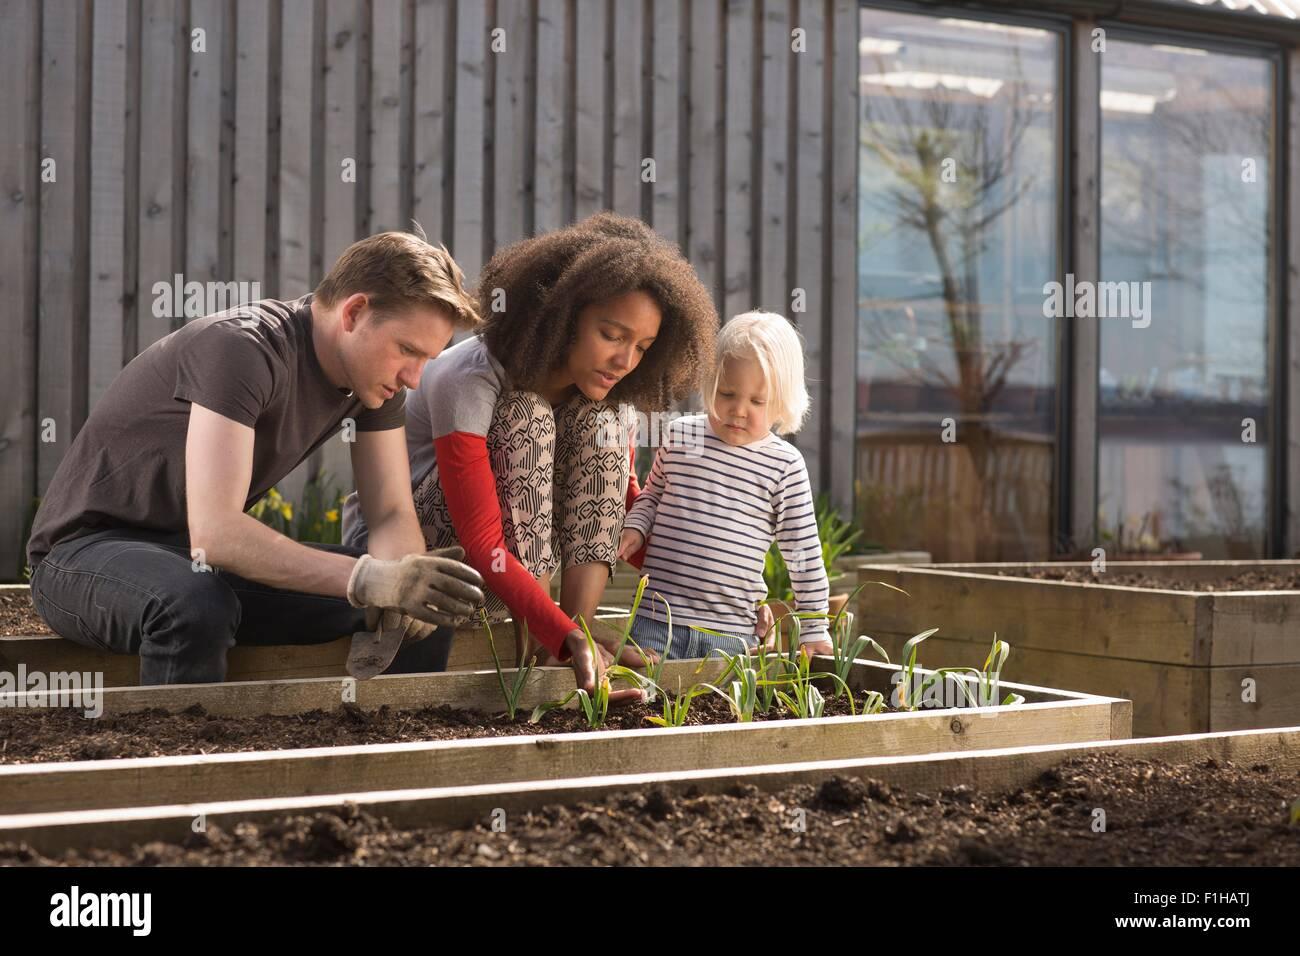 Niño y los padres cuidando plantas en cama levantada Imagen De Stock